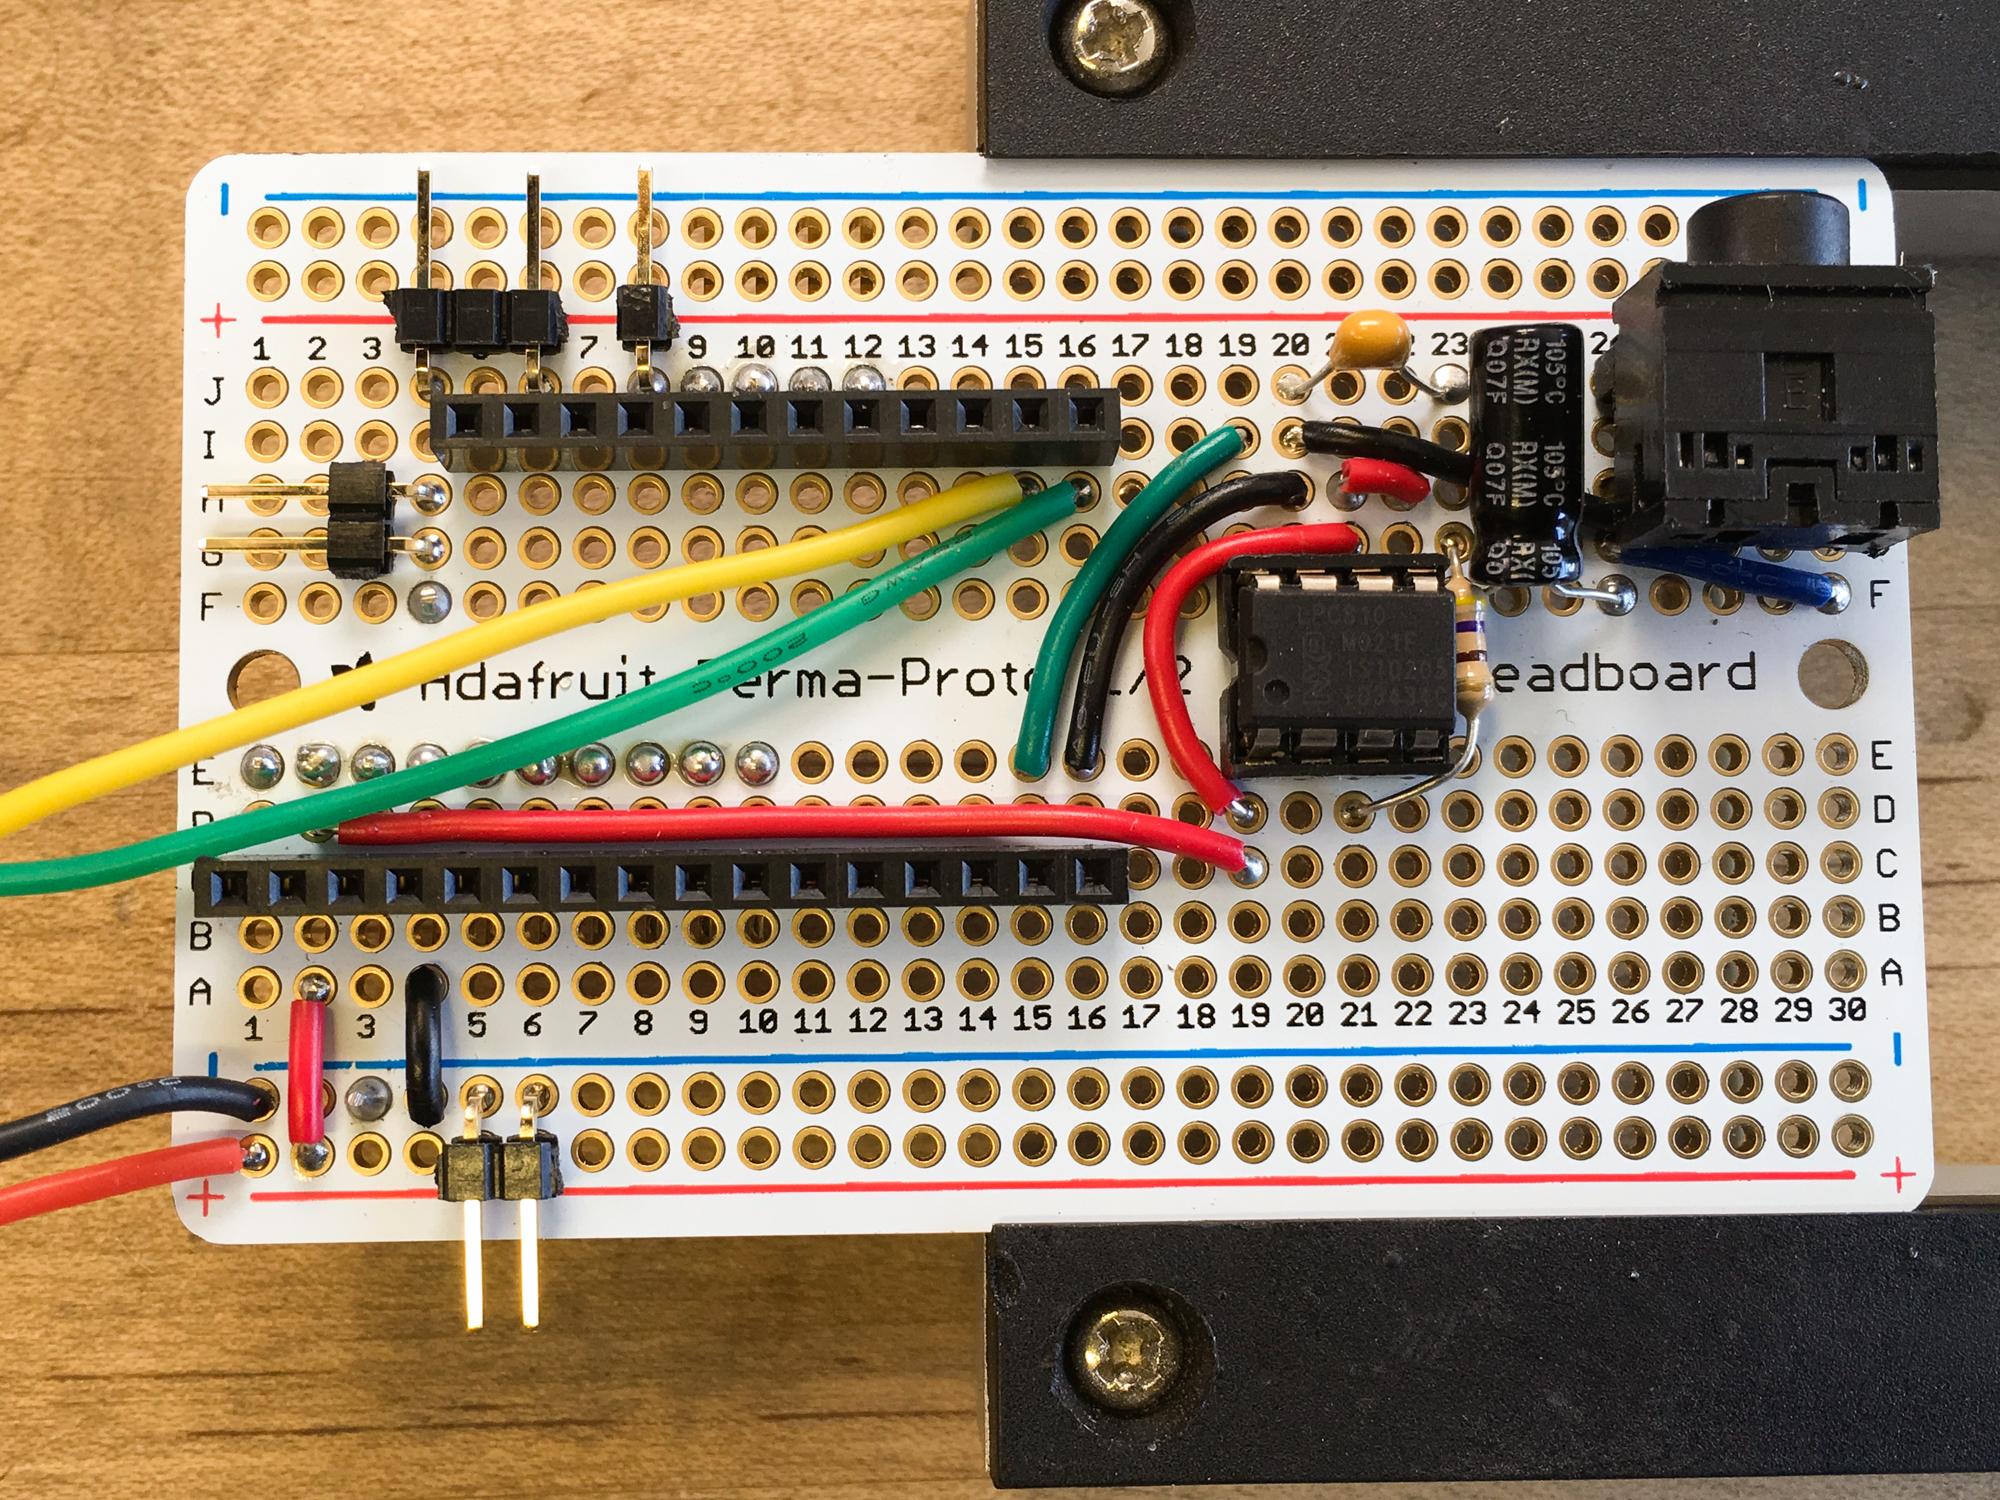 microcontrollers_IMG_2205_2k.jpg